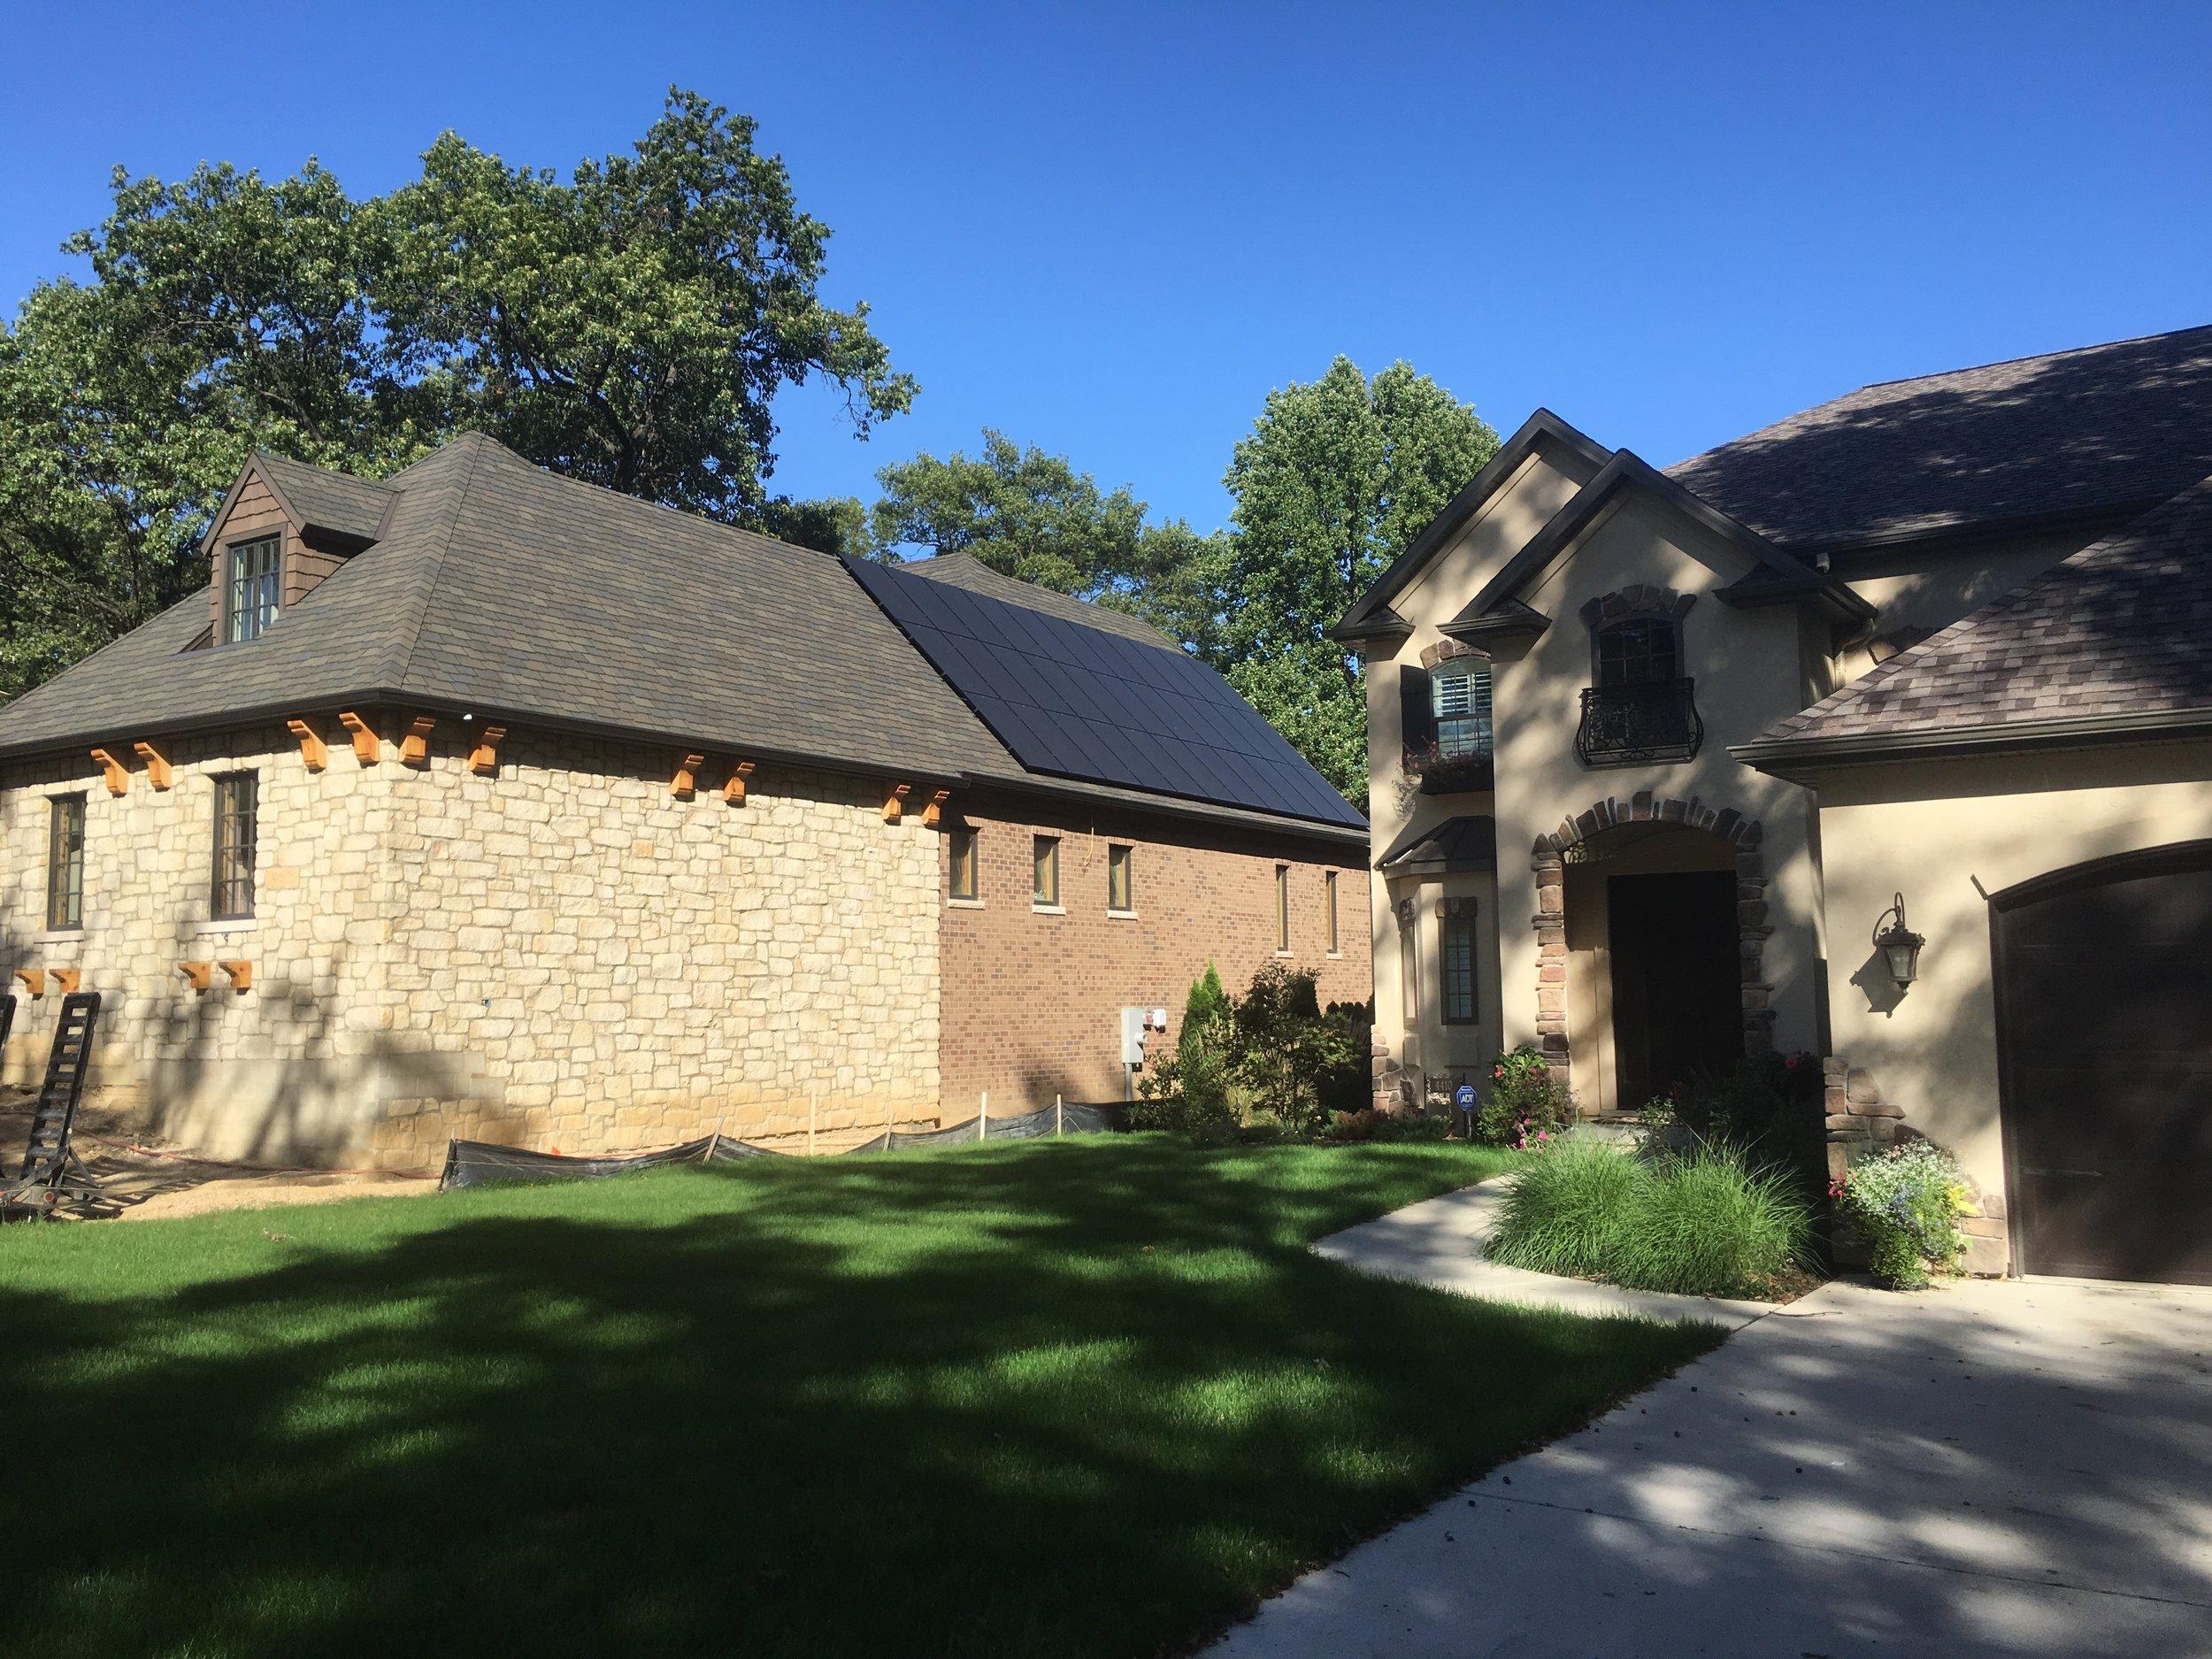 Peoria Heights, Illinois Home Solar Installation